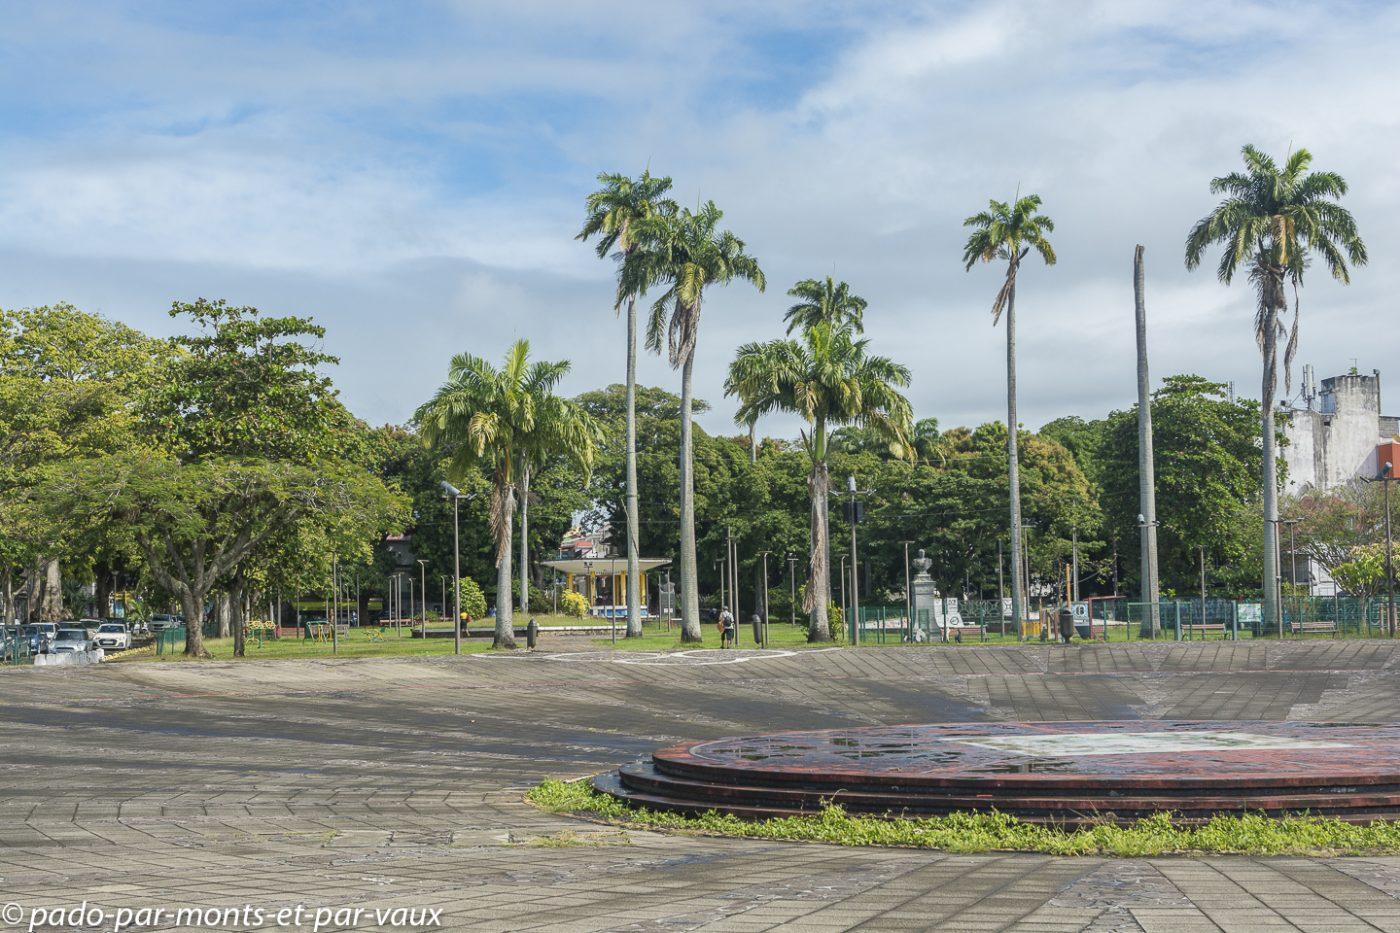 2021-Guadeloupe- Pointe à Pitre- Place de la Victoire